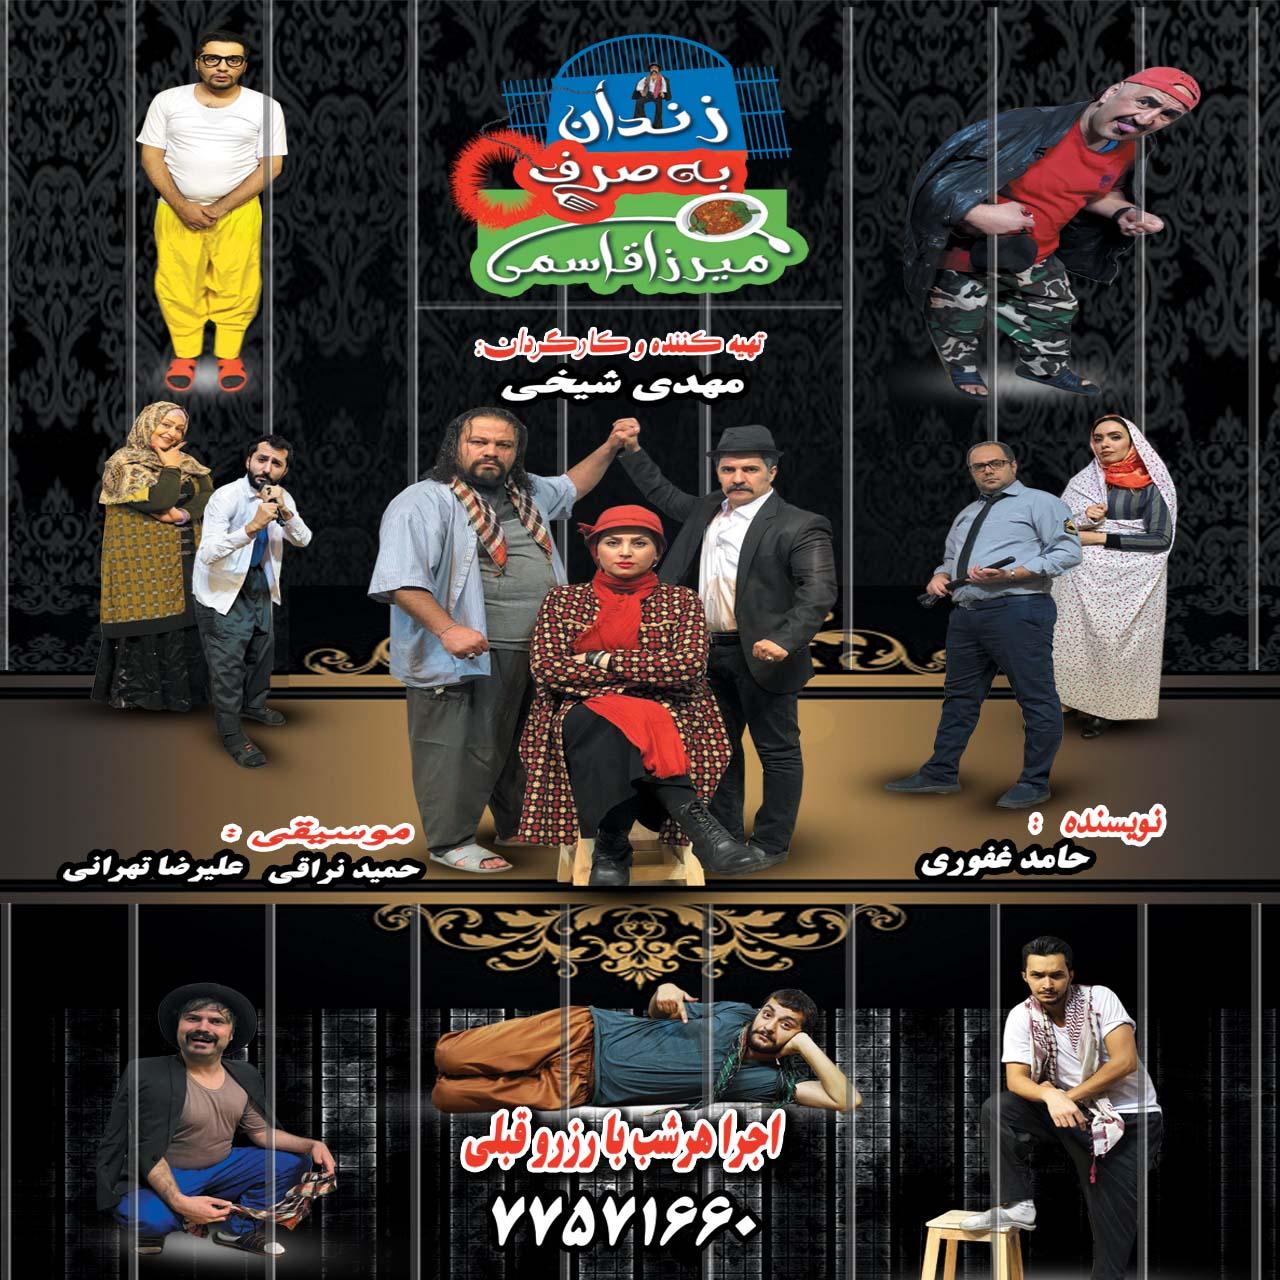 «زندان به صرف میرزا قاسمی» را امتحان کنید/ بهترین تئاتر کمدی تهران